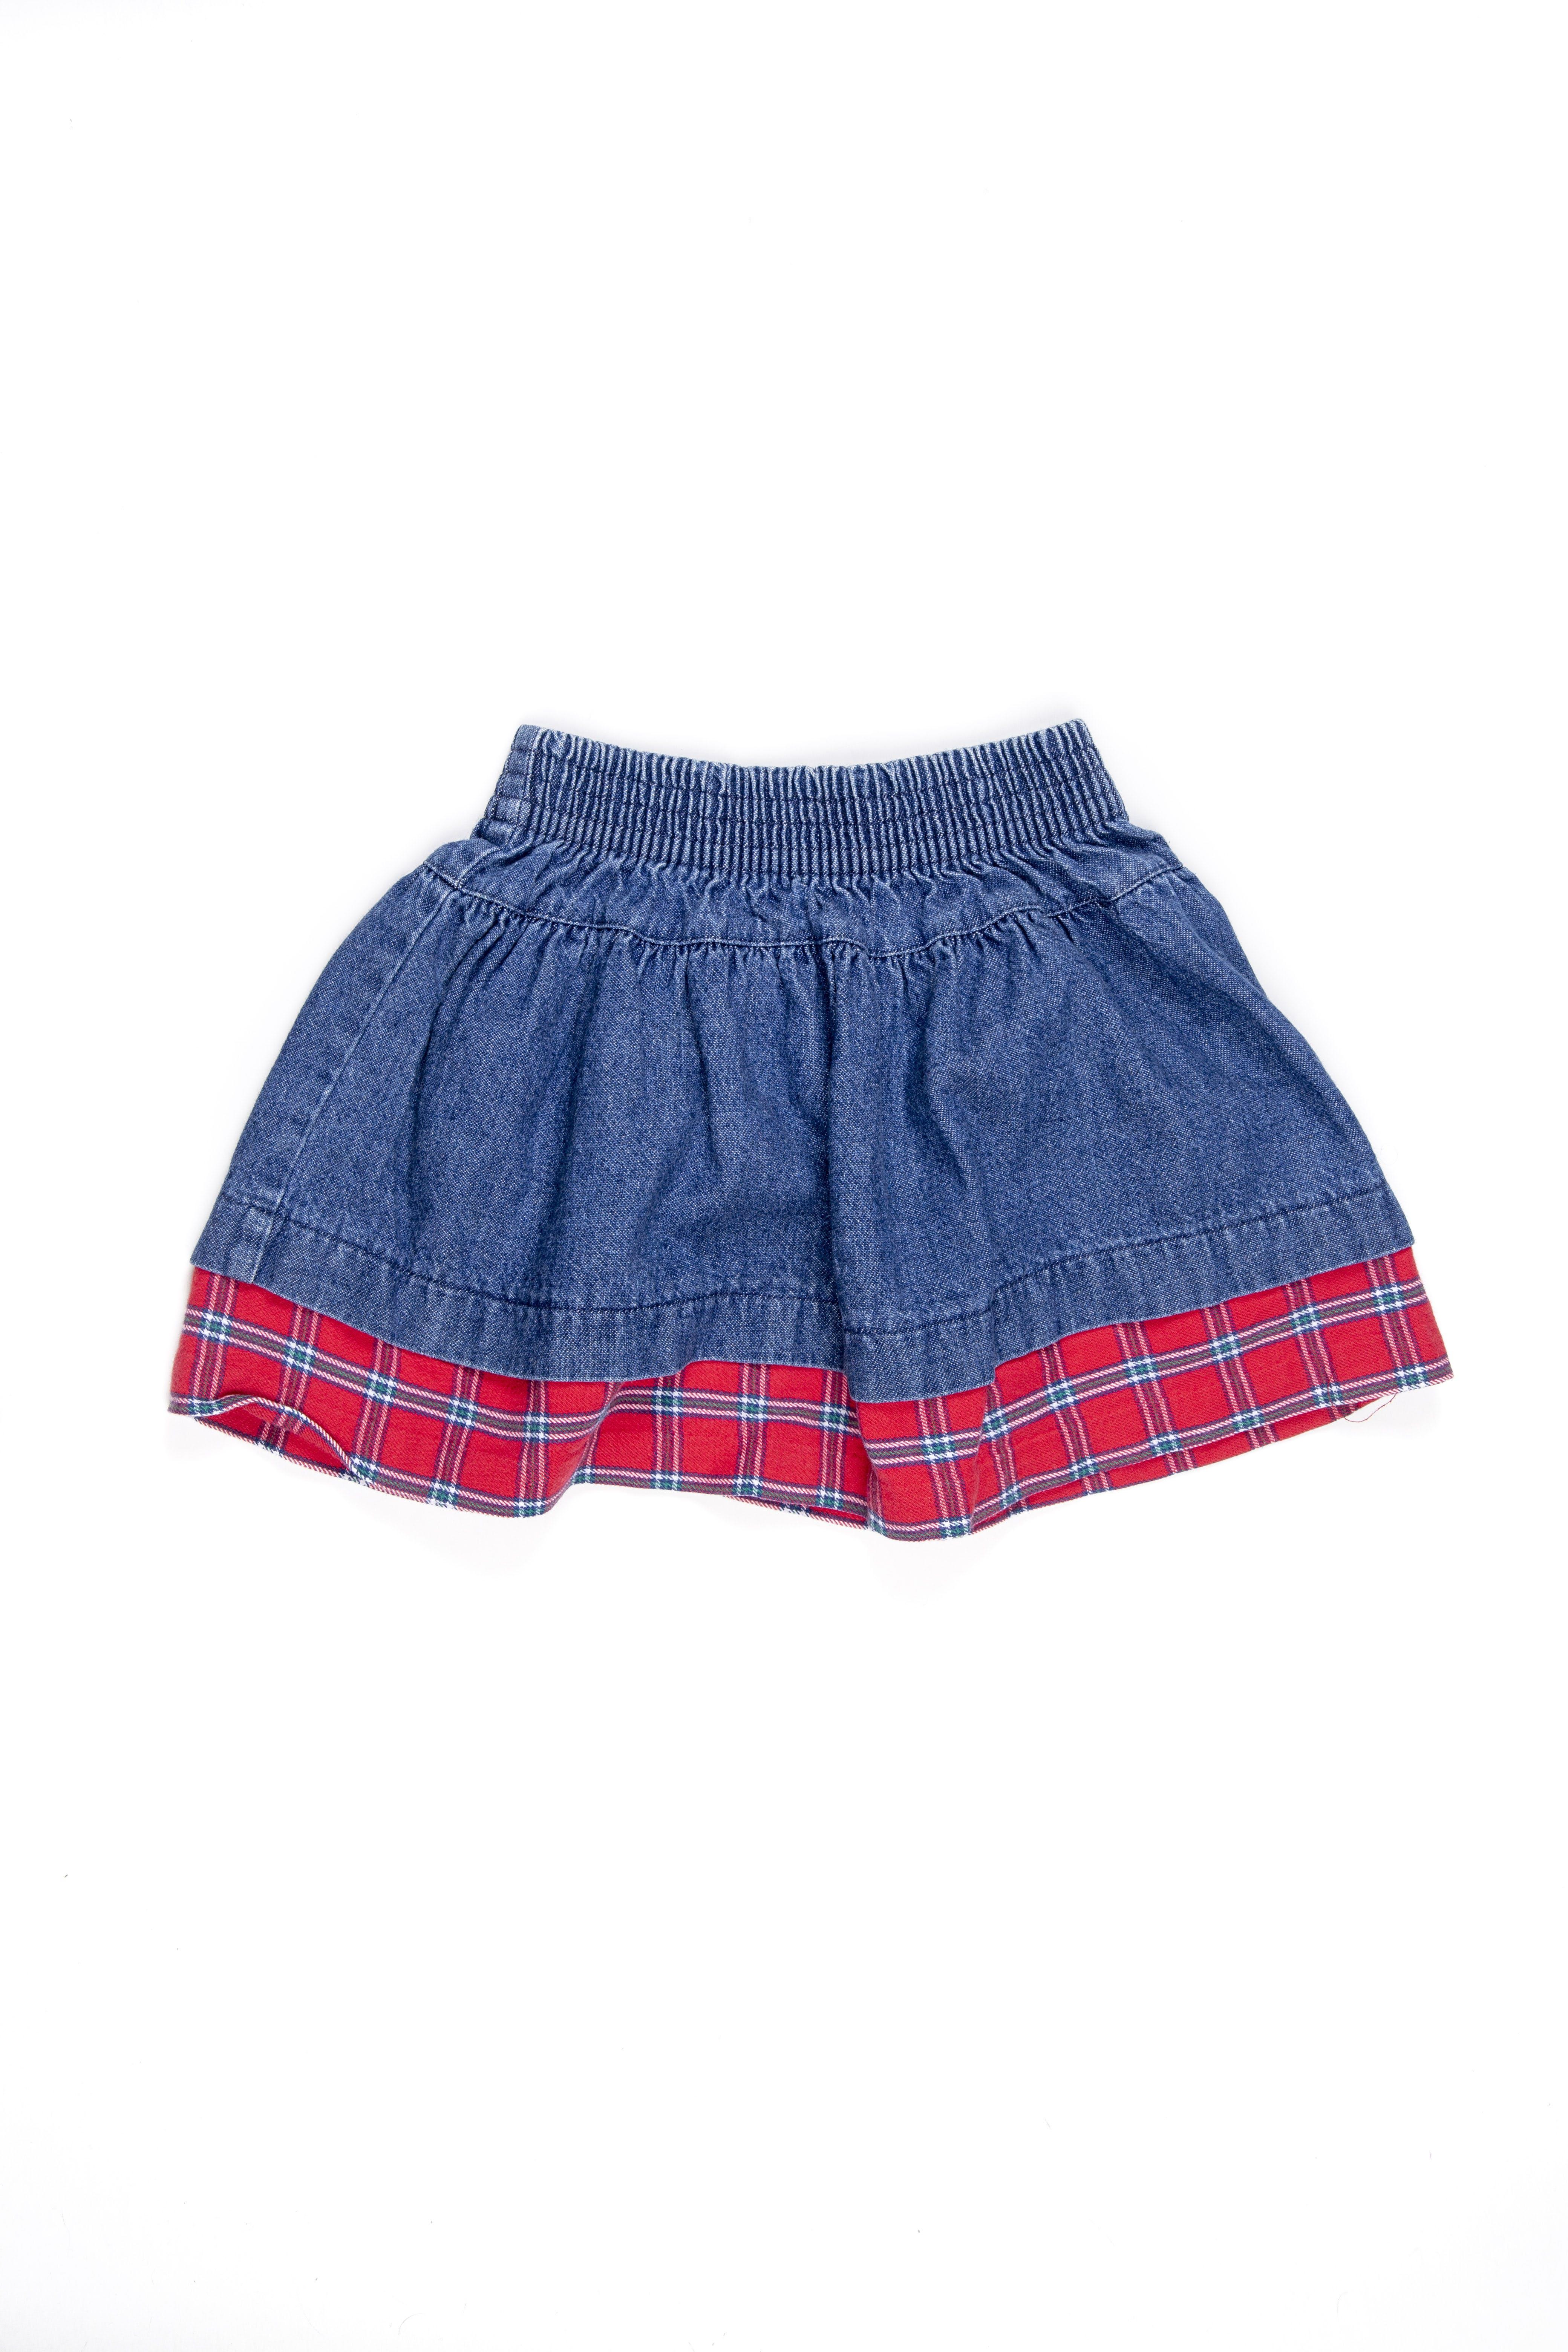 Falda corta de jean con basta de cuadros rojos. Talla en etiqueta: XS - Gymboree